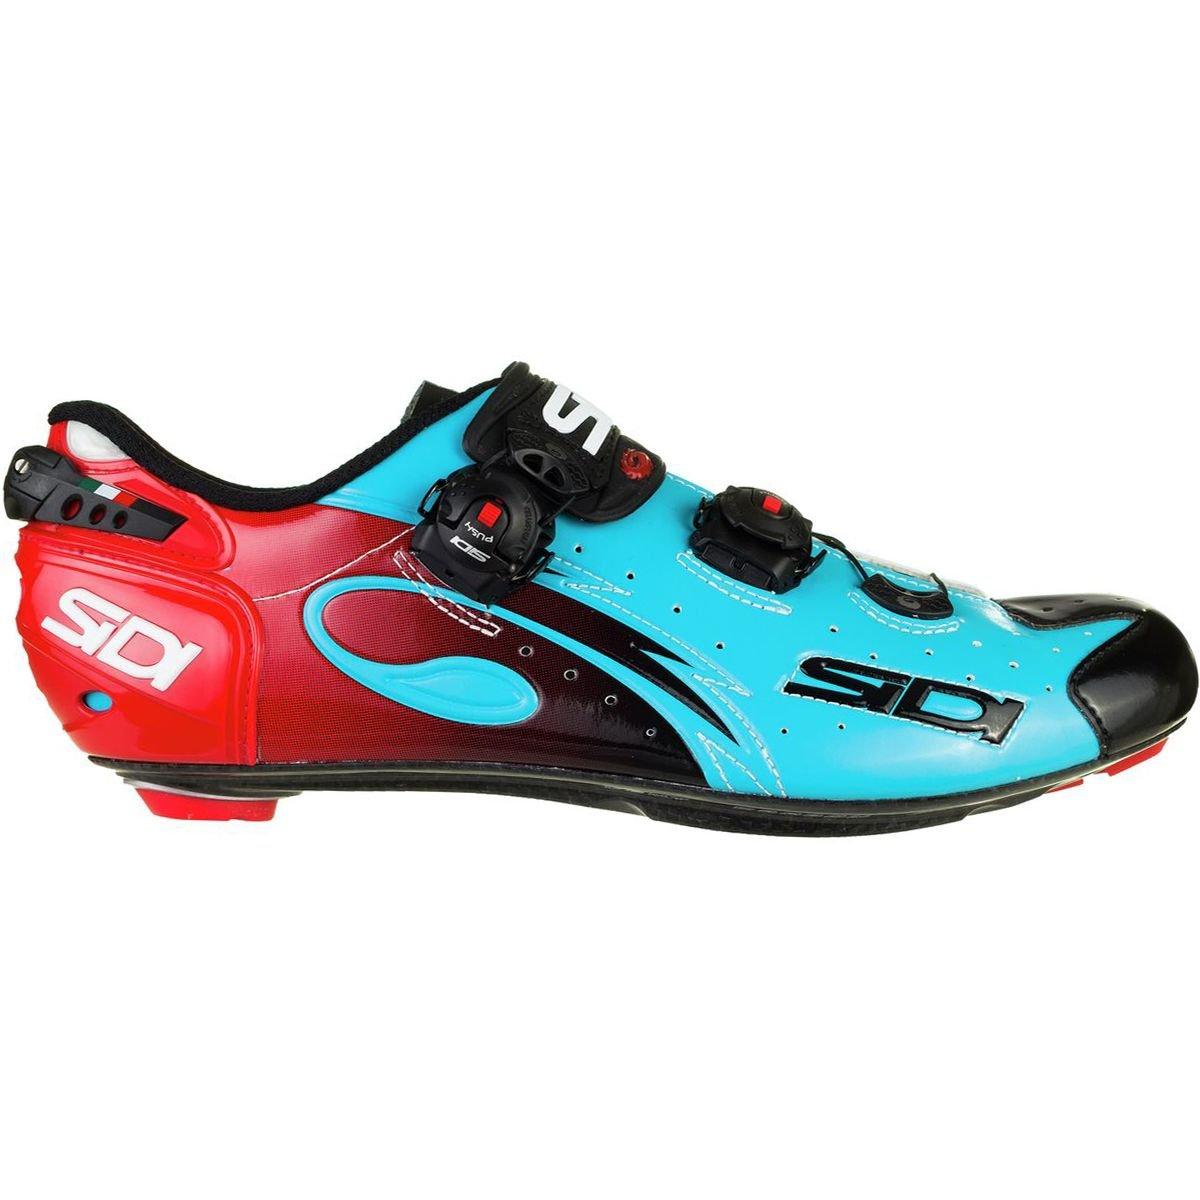 日本未入荷 (シディ) (44.5) Sidi Wire Push 28.5cm Cycling B07J287723 Shoe メンズ ロードバイクシューズSky Blue/Black/Red [並行輸入品] 日本サイズ 28.5cm (44.5) Sky Blue/Black/Red B07J287723, ショウバラシ:6286e566 --- by.specpricep.ru